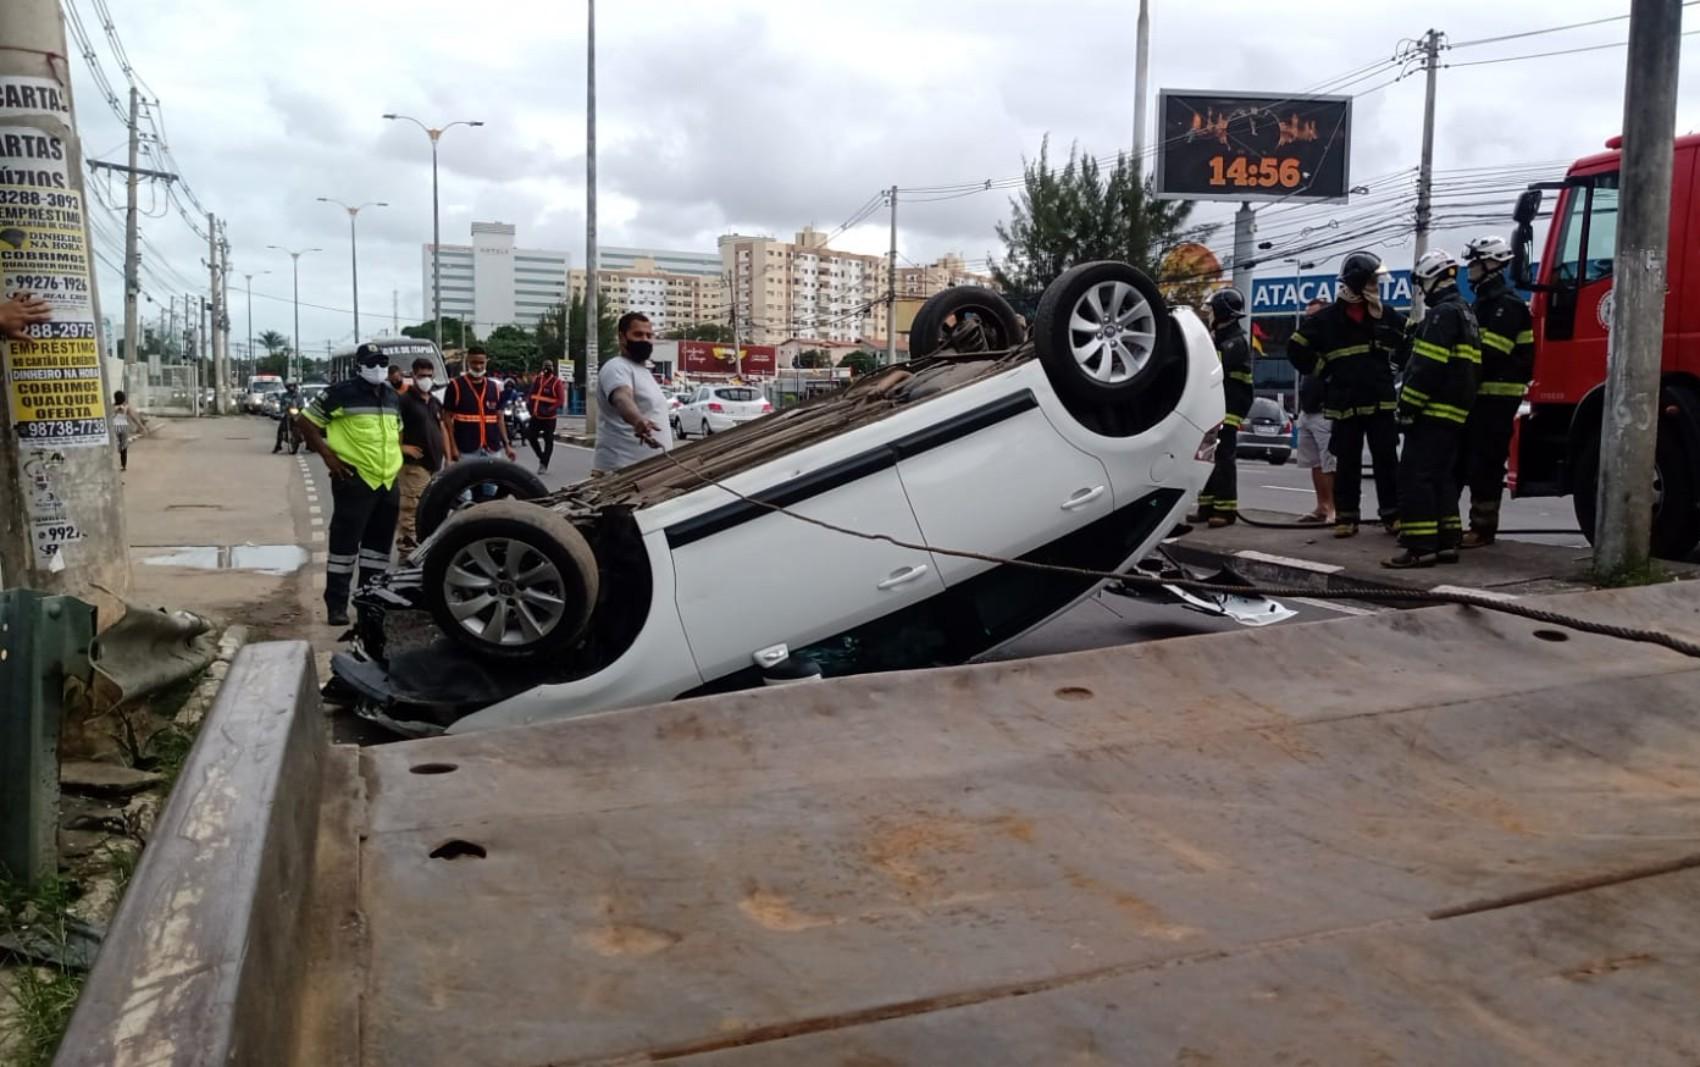 Carro capota após bater em outro veículo em Lauro de Freitas, na Região Metropolitana de Salvador